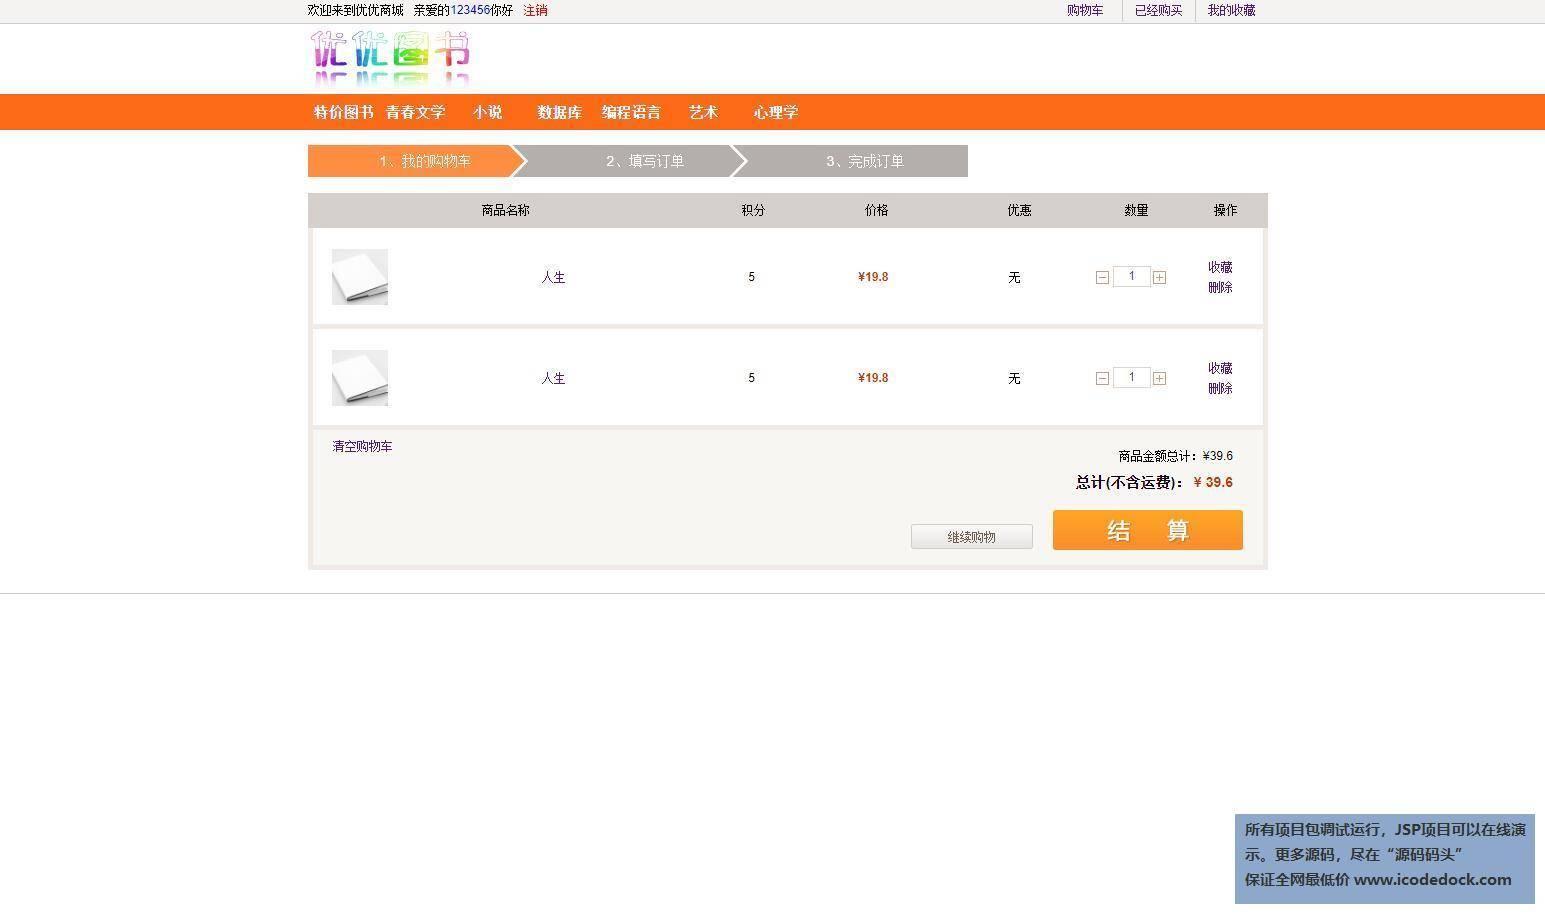 源码码头-Spring图书销售管理系统-用户角色-查看购物车